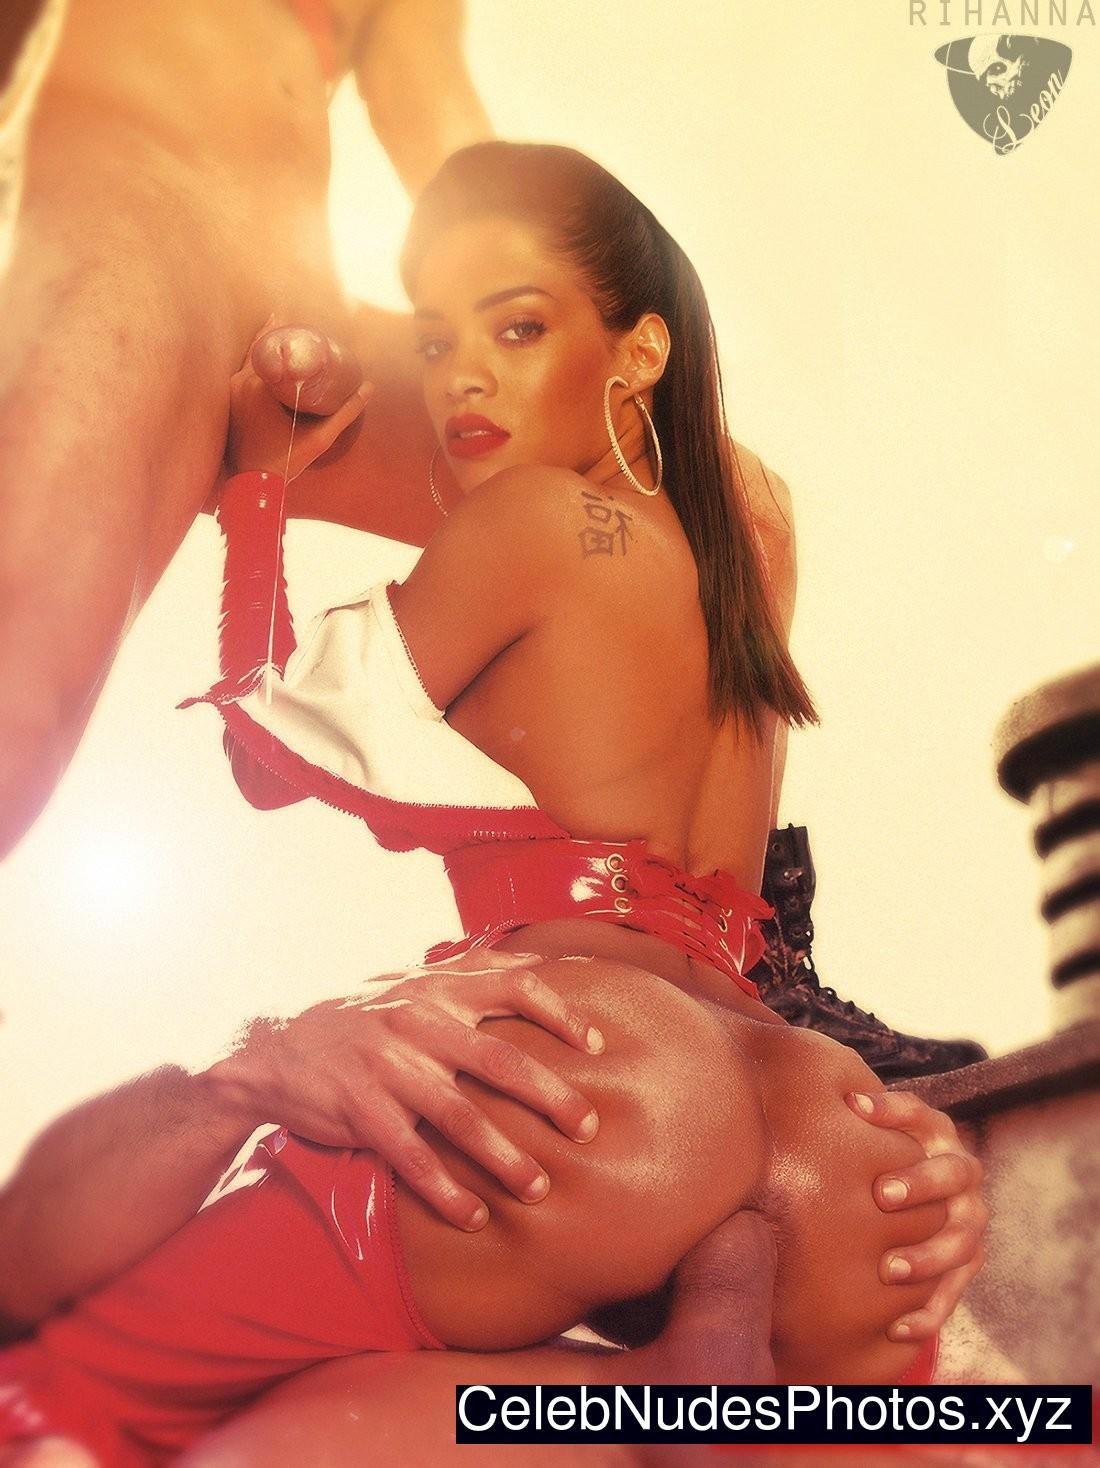 Rihanna fake porno photo ready help